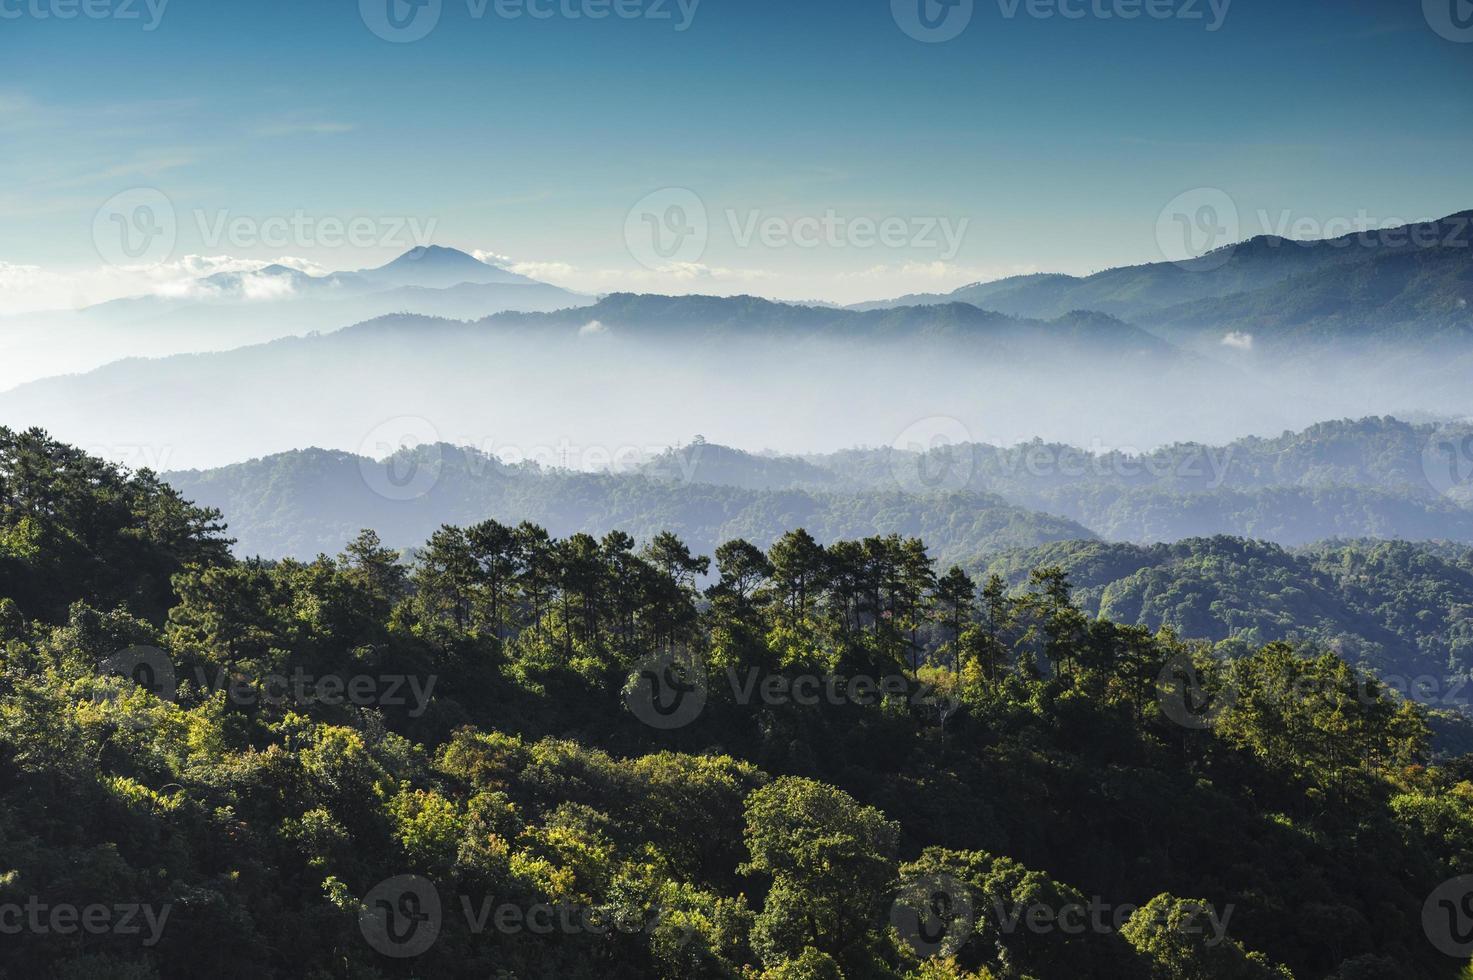 vue sur les montagnes et les jungles photo